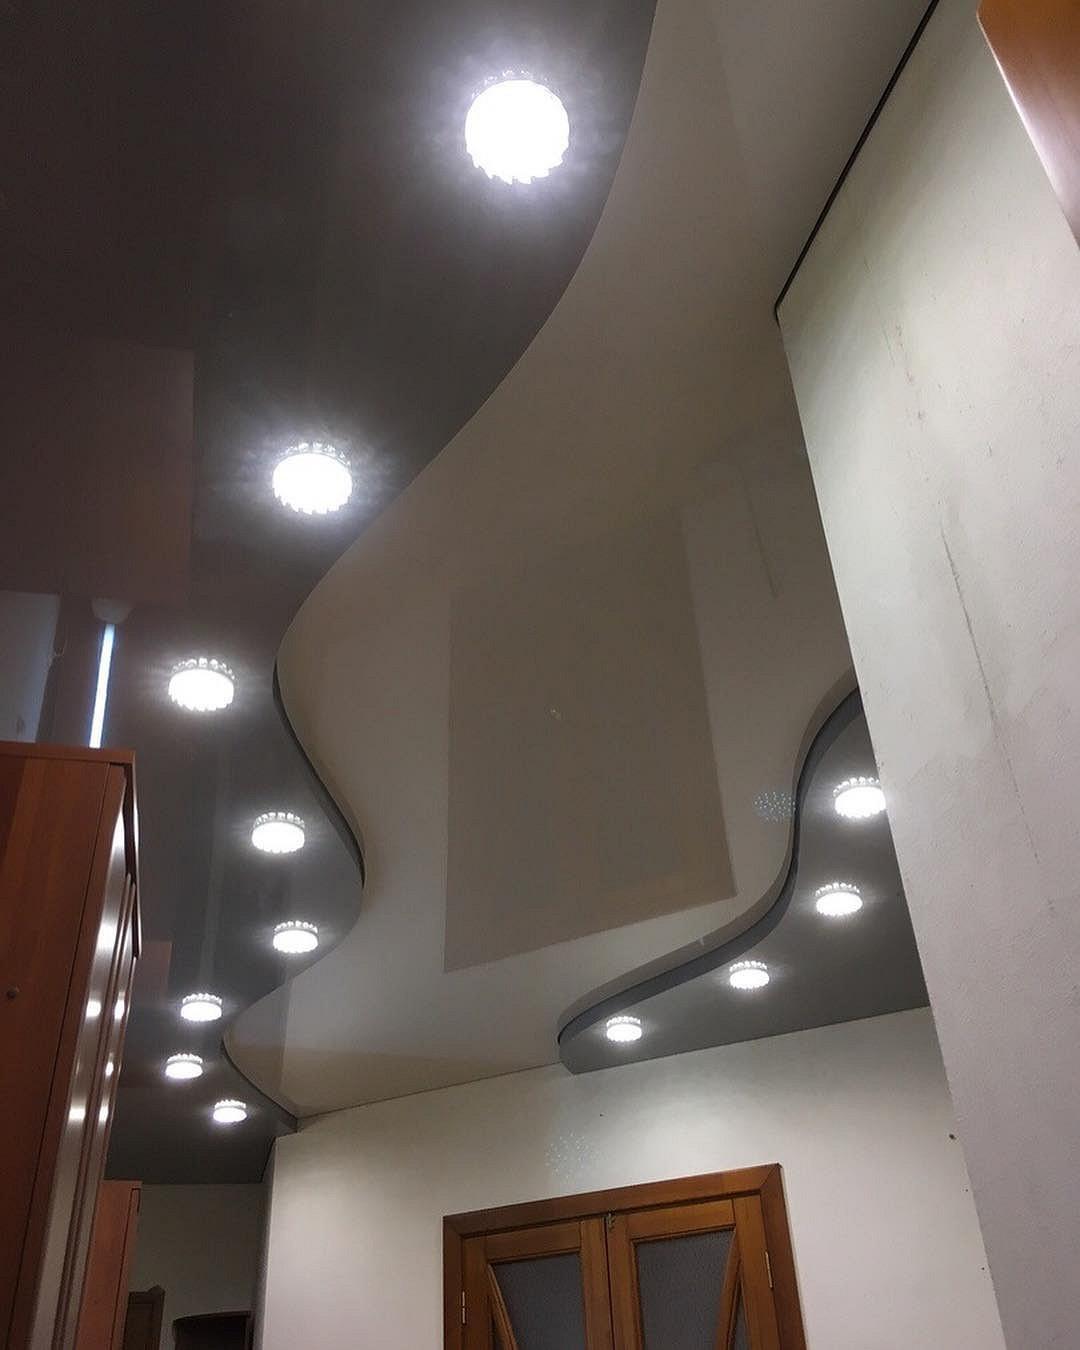 кунжута продукт, натяжной потолок криволинейный с подсветкой фото перед